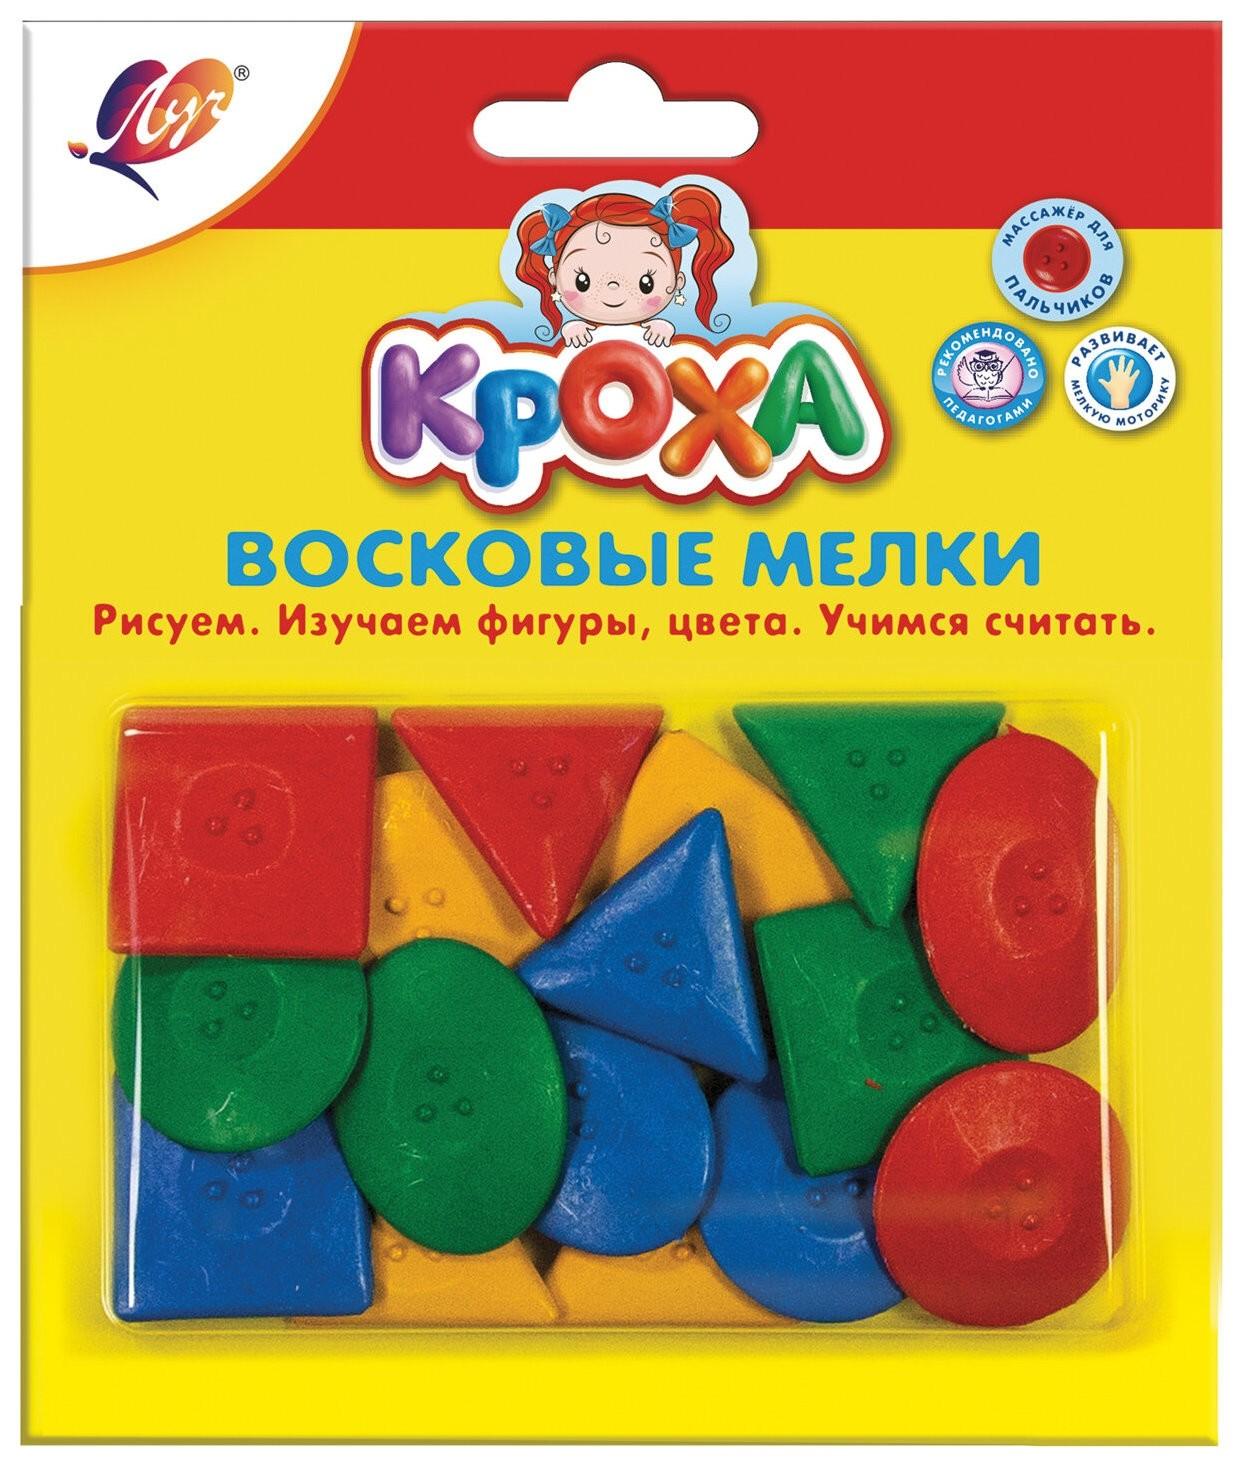 """Восковые мелки """"Кроха"""", набор 16 шт. (4 цвета х 4 шт.), геометрические фигуры  Луч"""